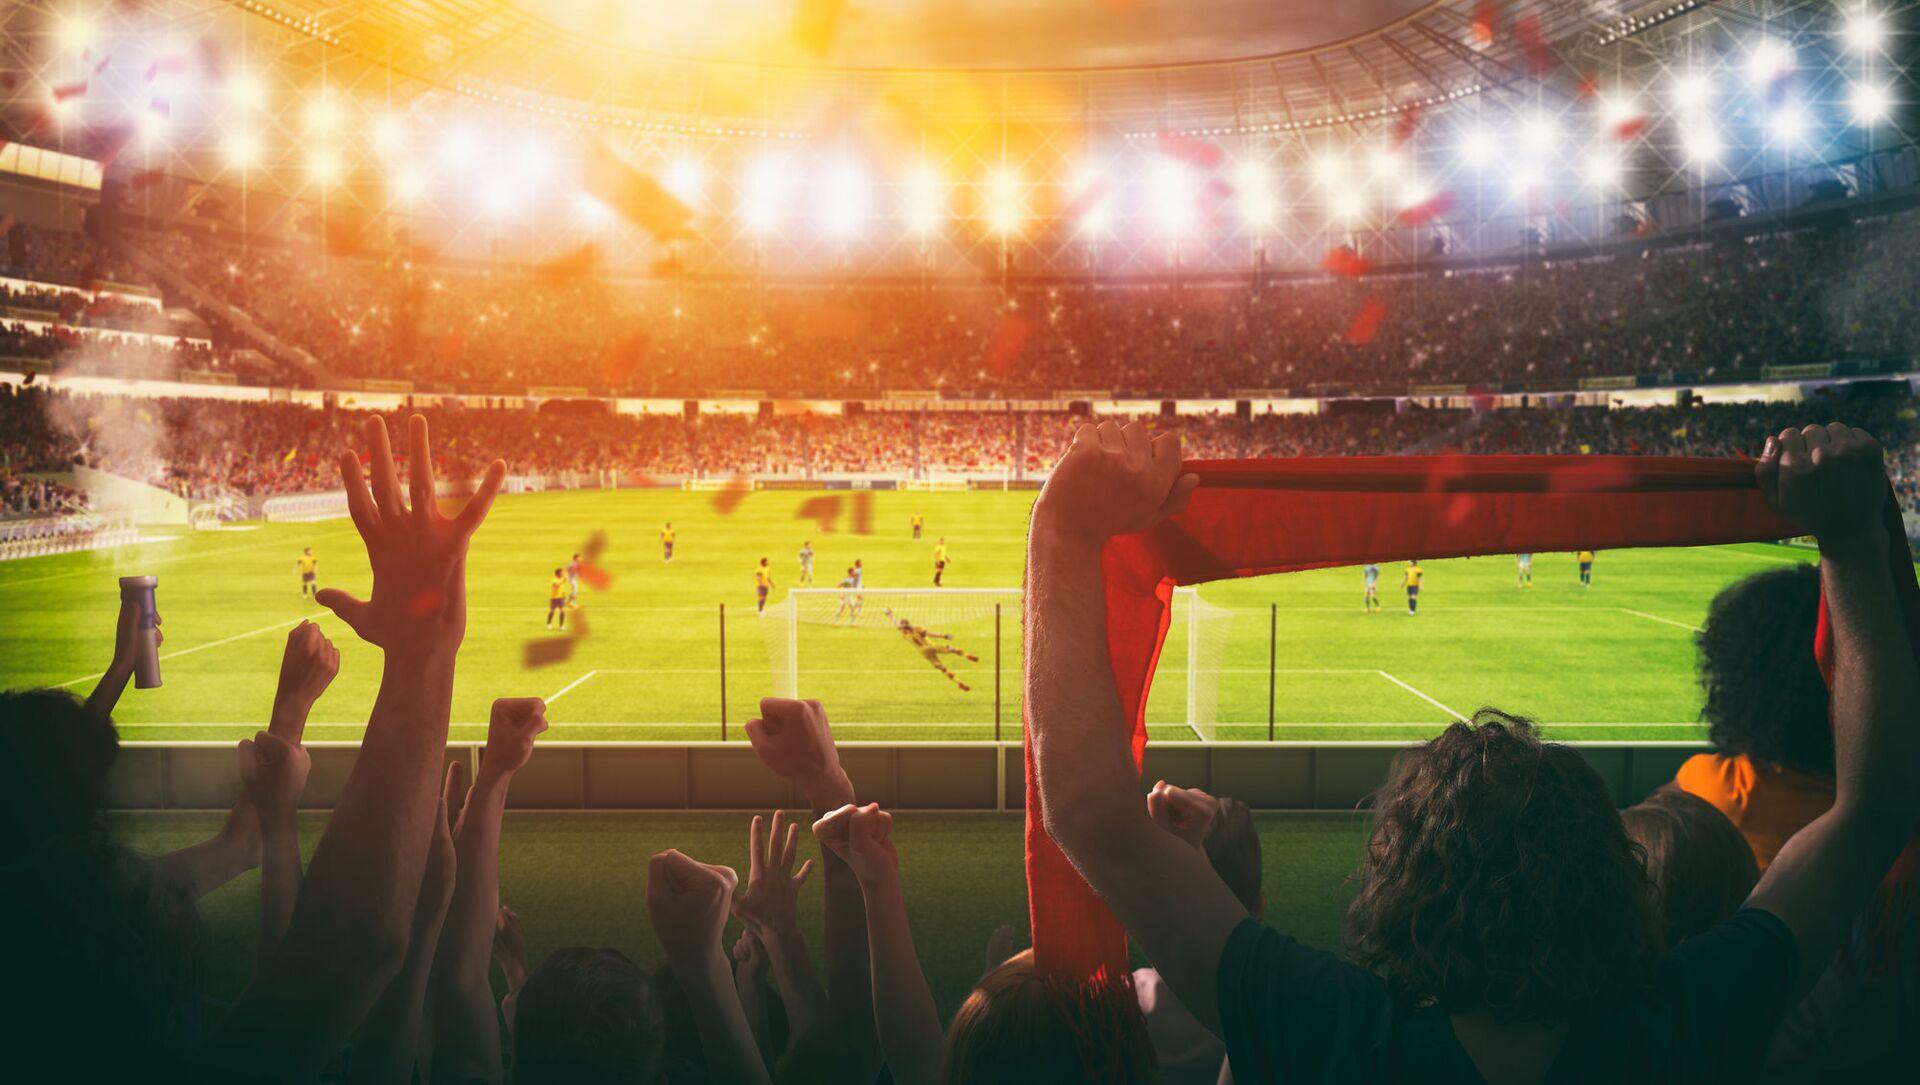 Người hâm mộ bóng đá tại sân vận động. - Sputnik Việt Nam, 1920, 31.05.2021